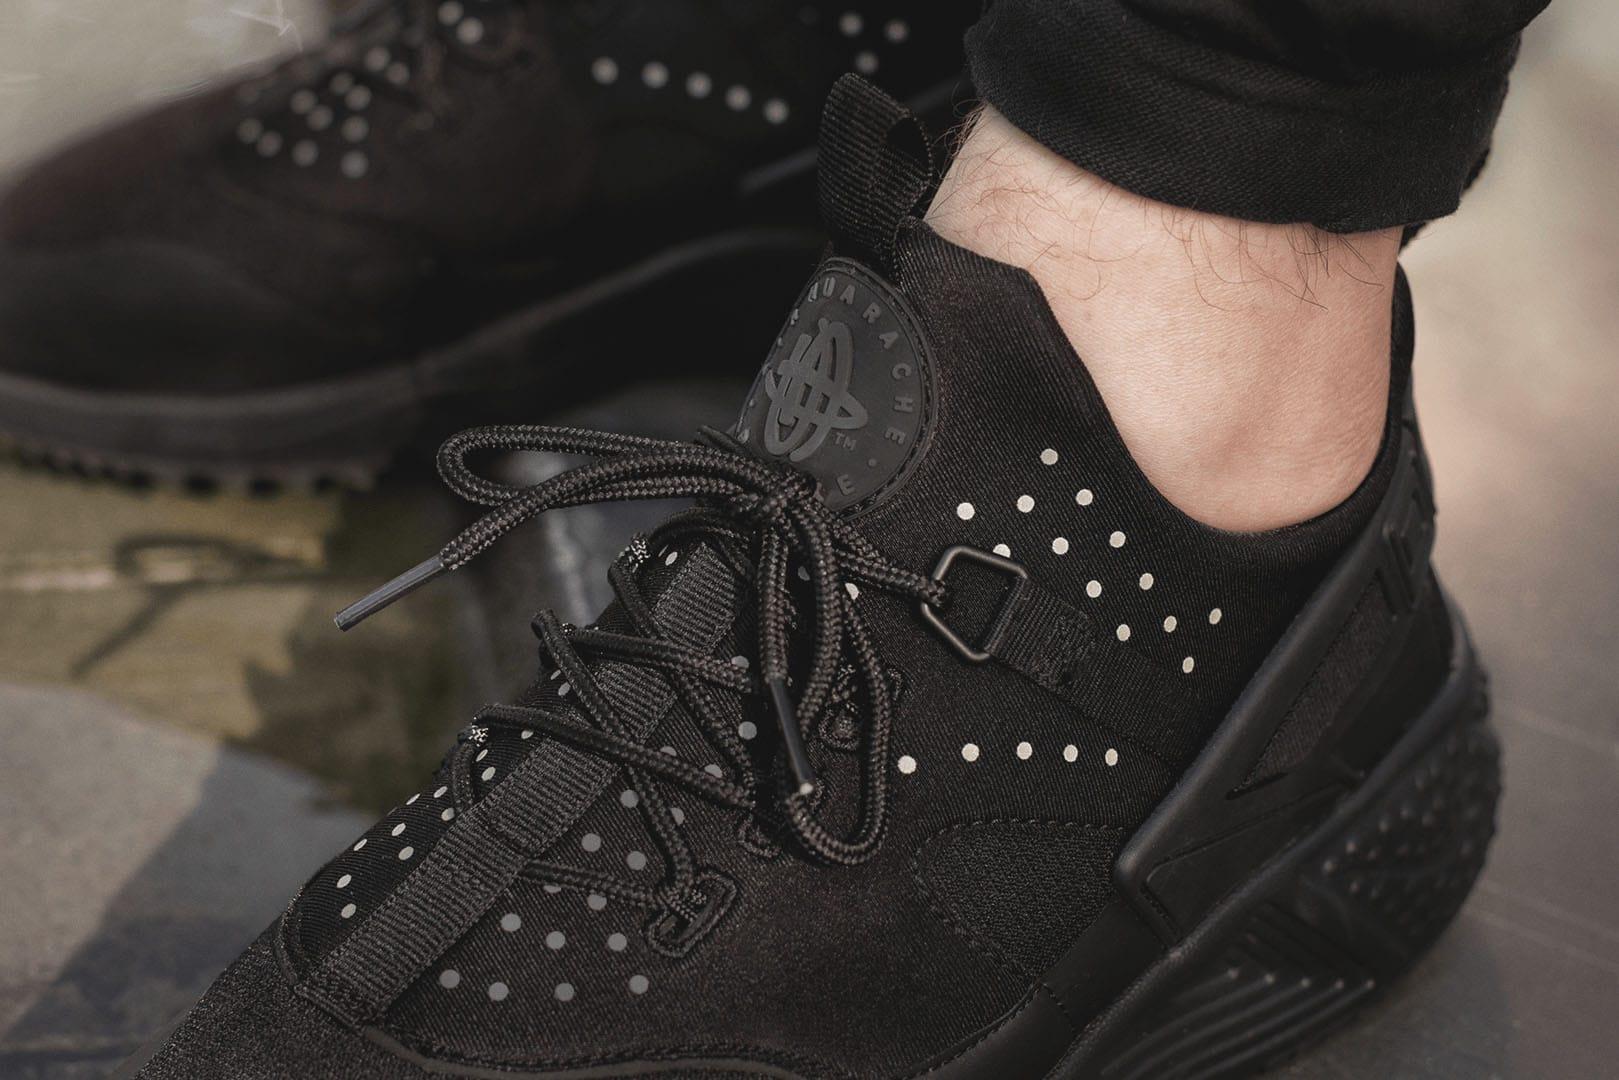 43056ecbb93cdd Blog    Nike Air Huarache Utility in All Black